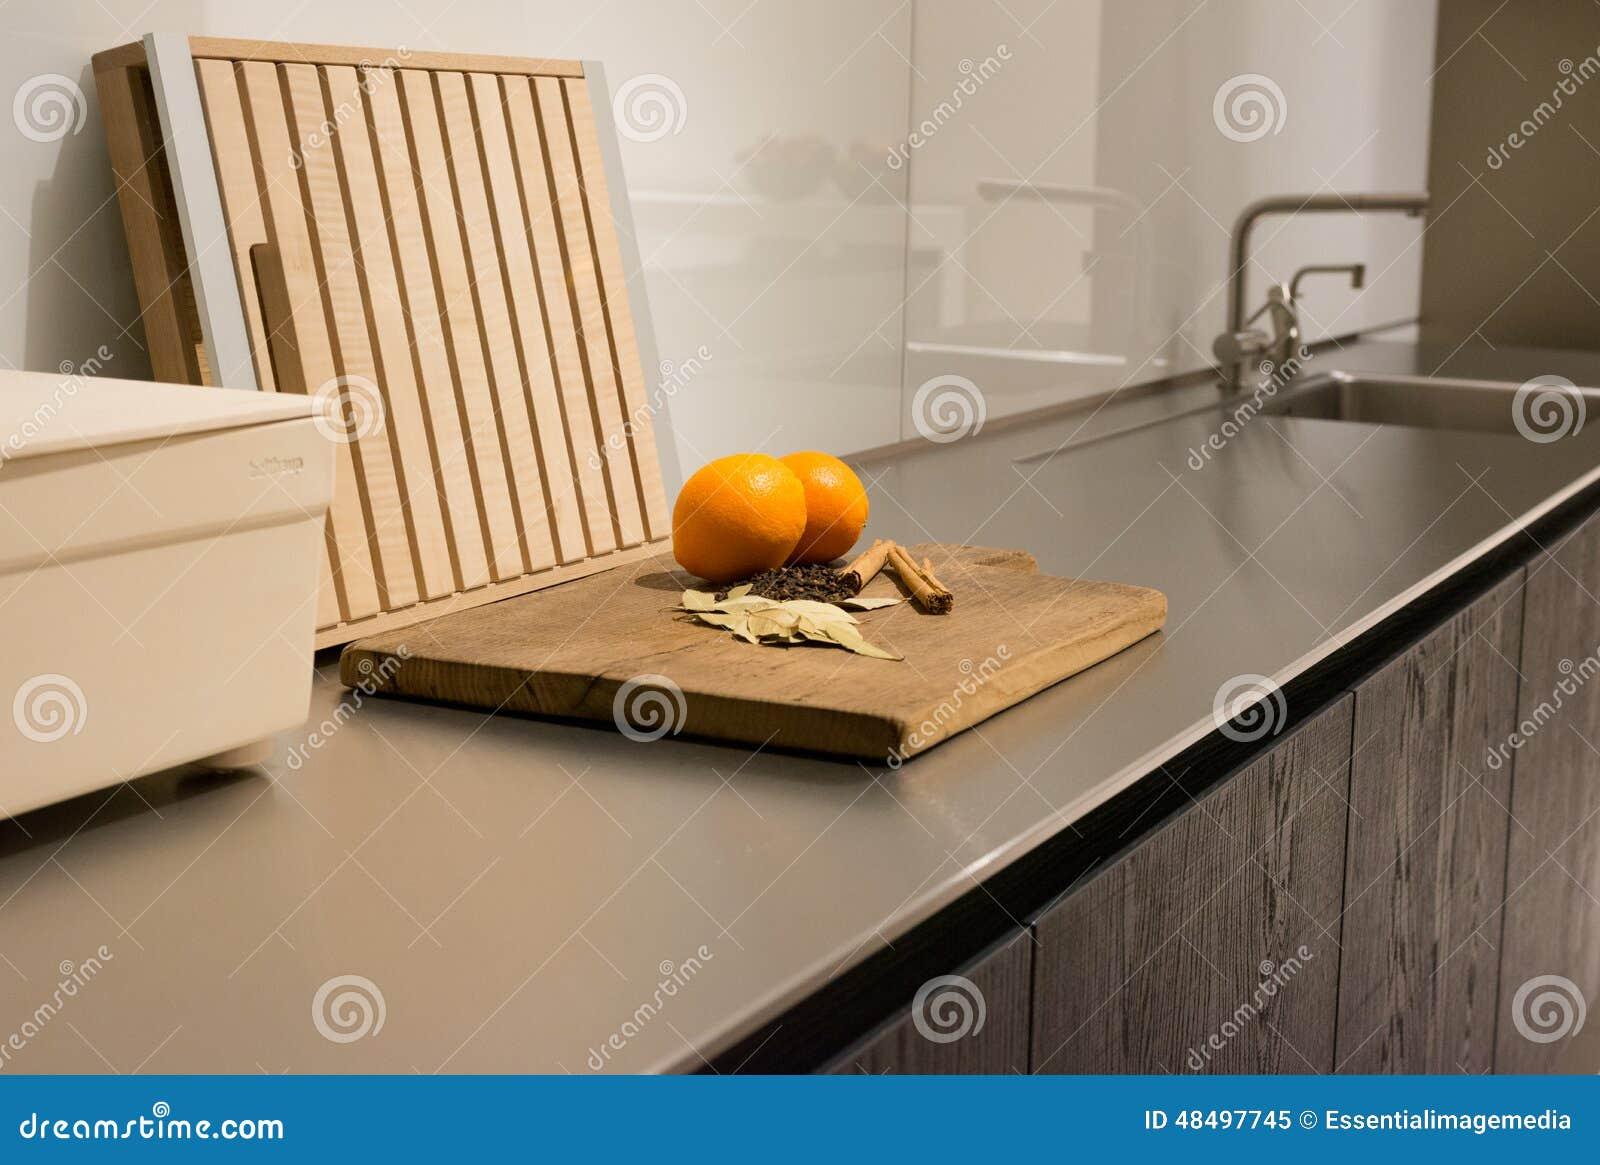 Edelstahl-Küchenarbeitsplatte Stockbild - Bild von frisch, gehackt ...